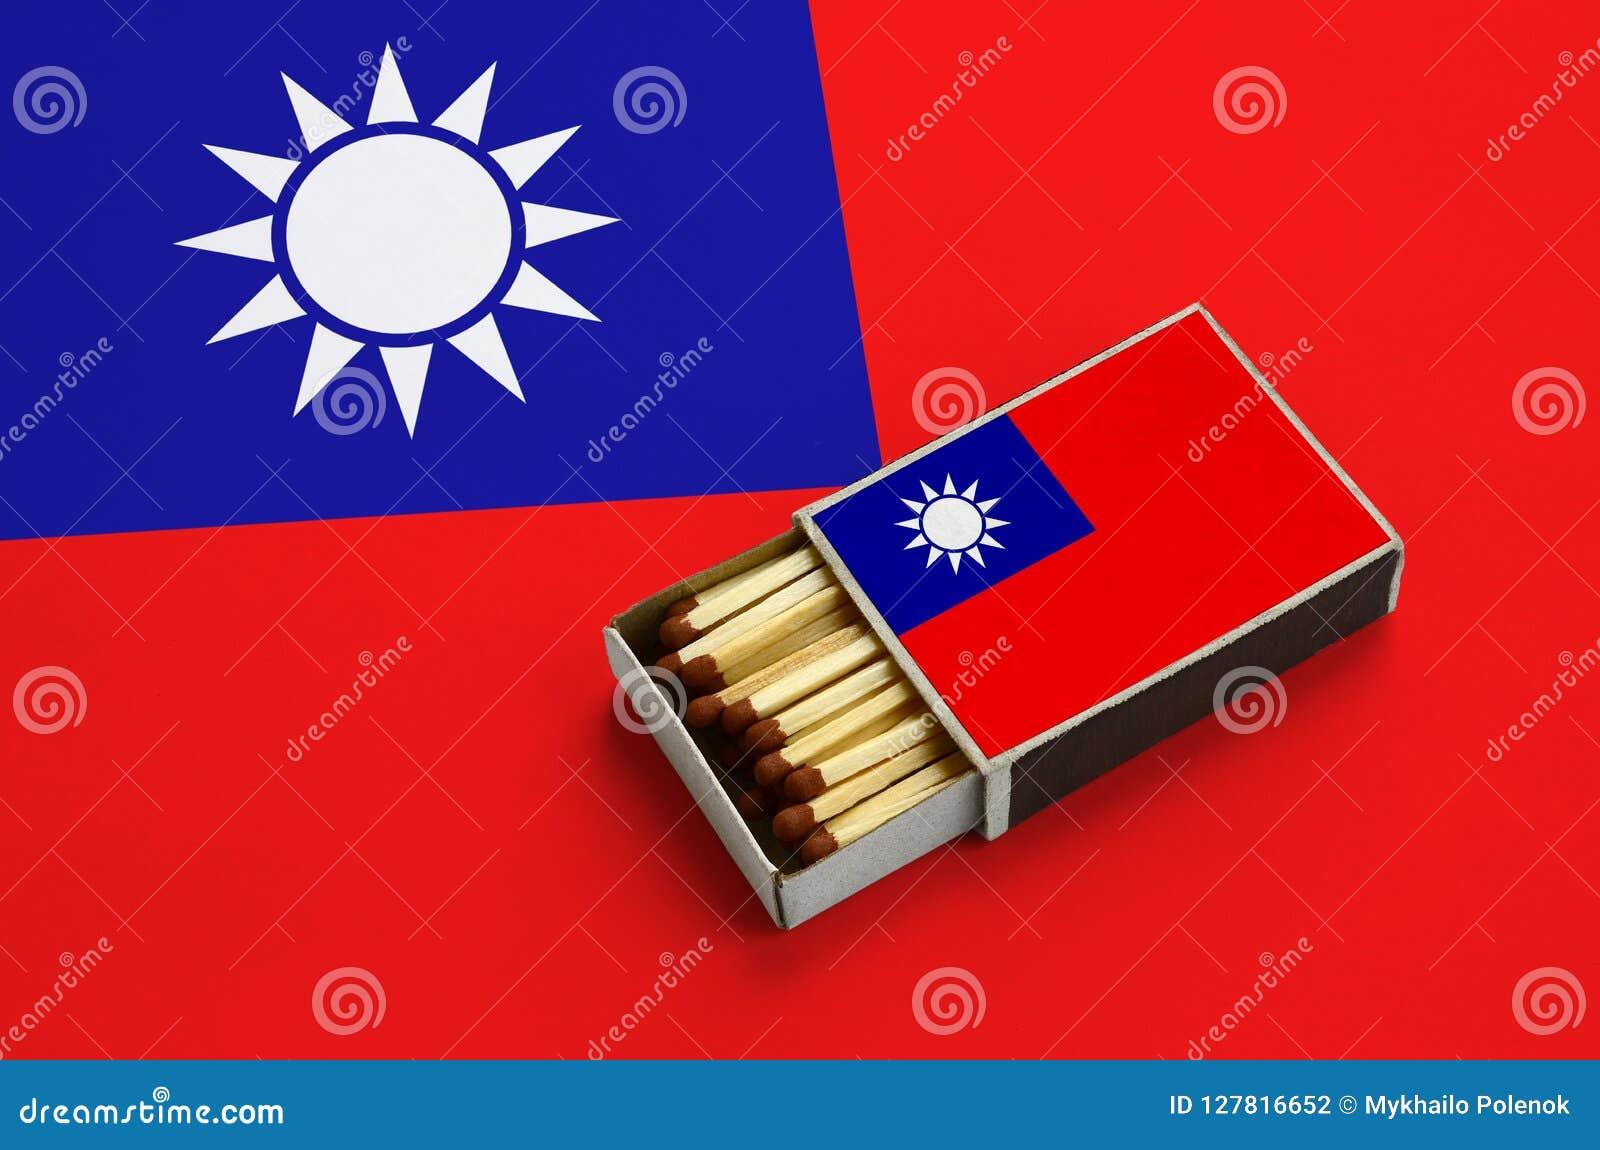 Le drapeau de Taïwan est montré dans une boîte d allumettes ouverte, qui est remplie de matchs et se trouve sur un grand drapeau